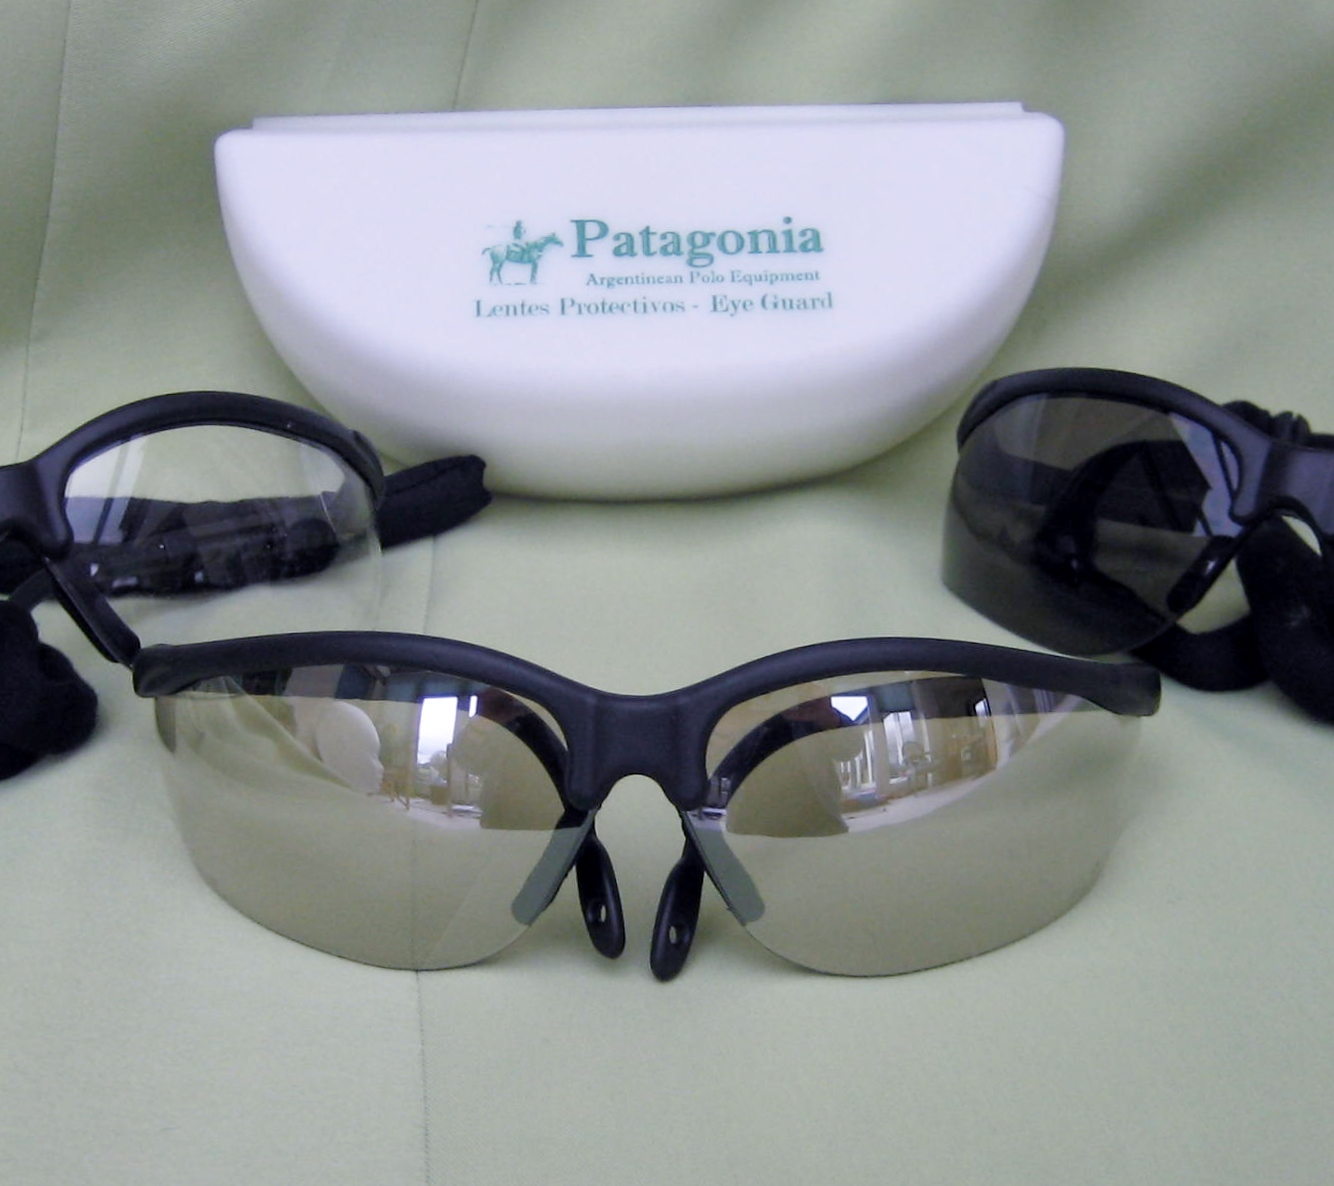 Patagonia Goggles